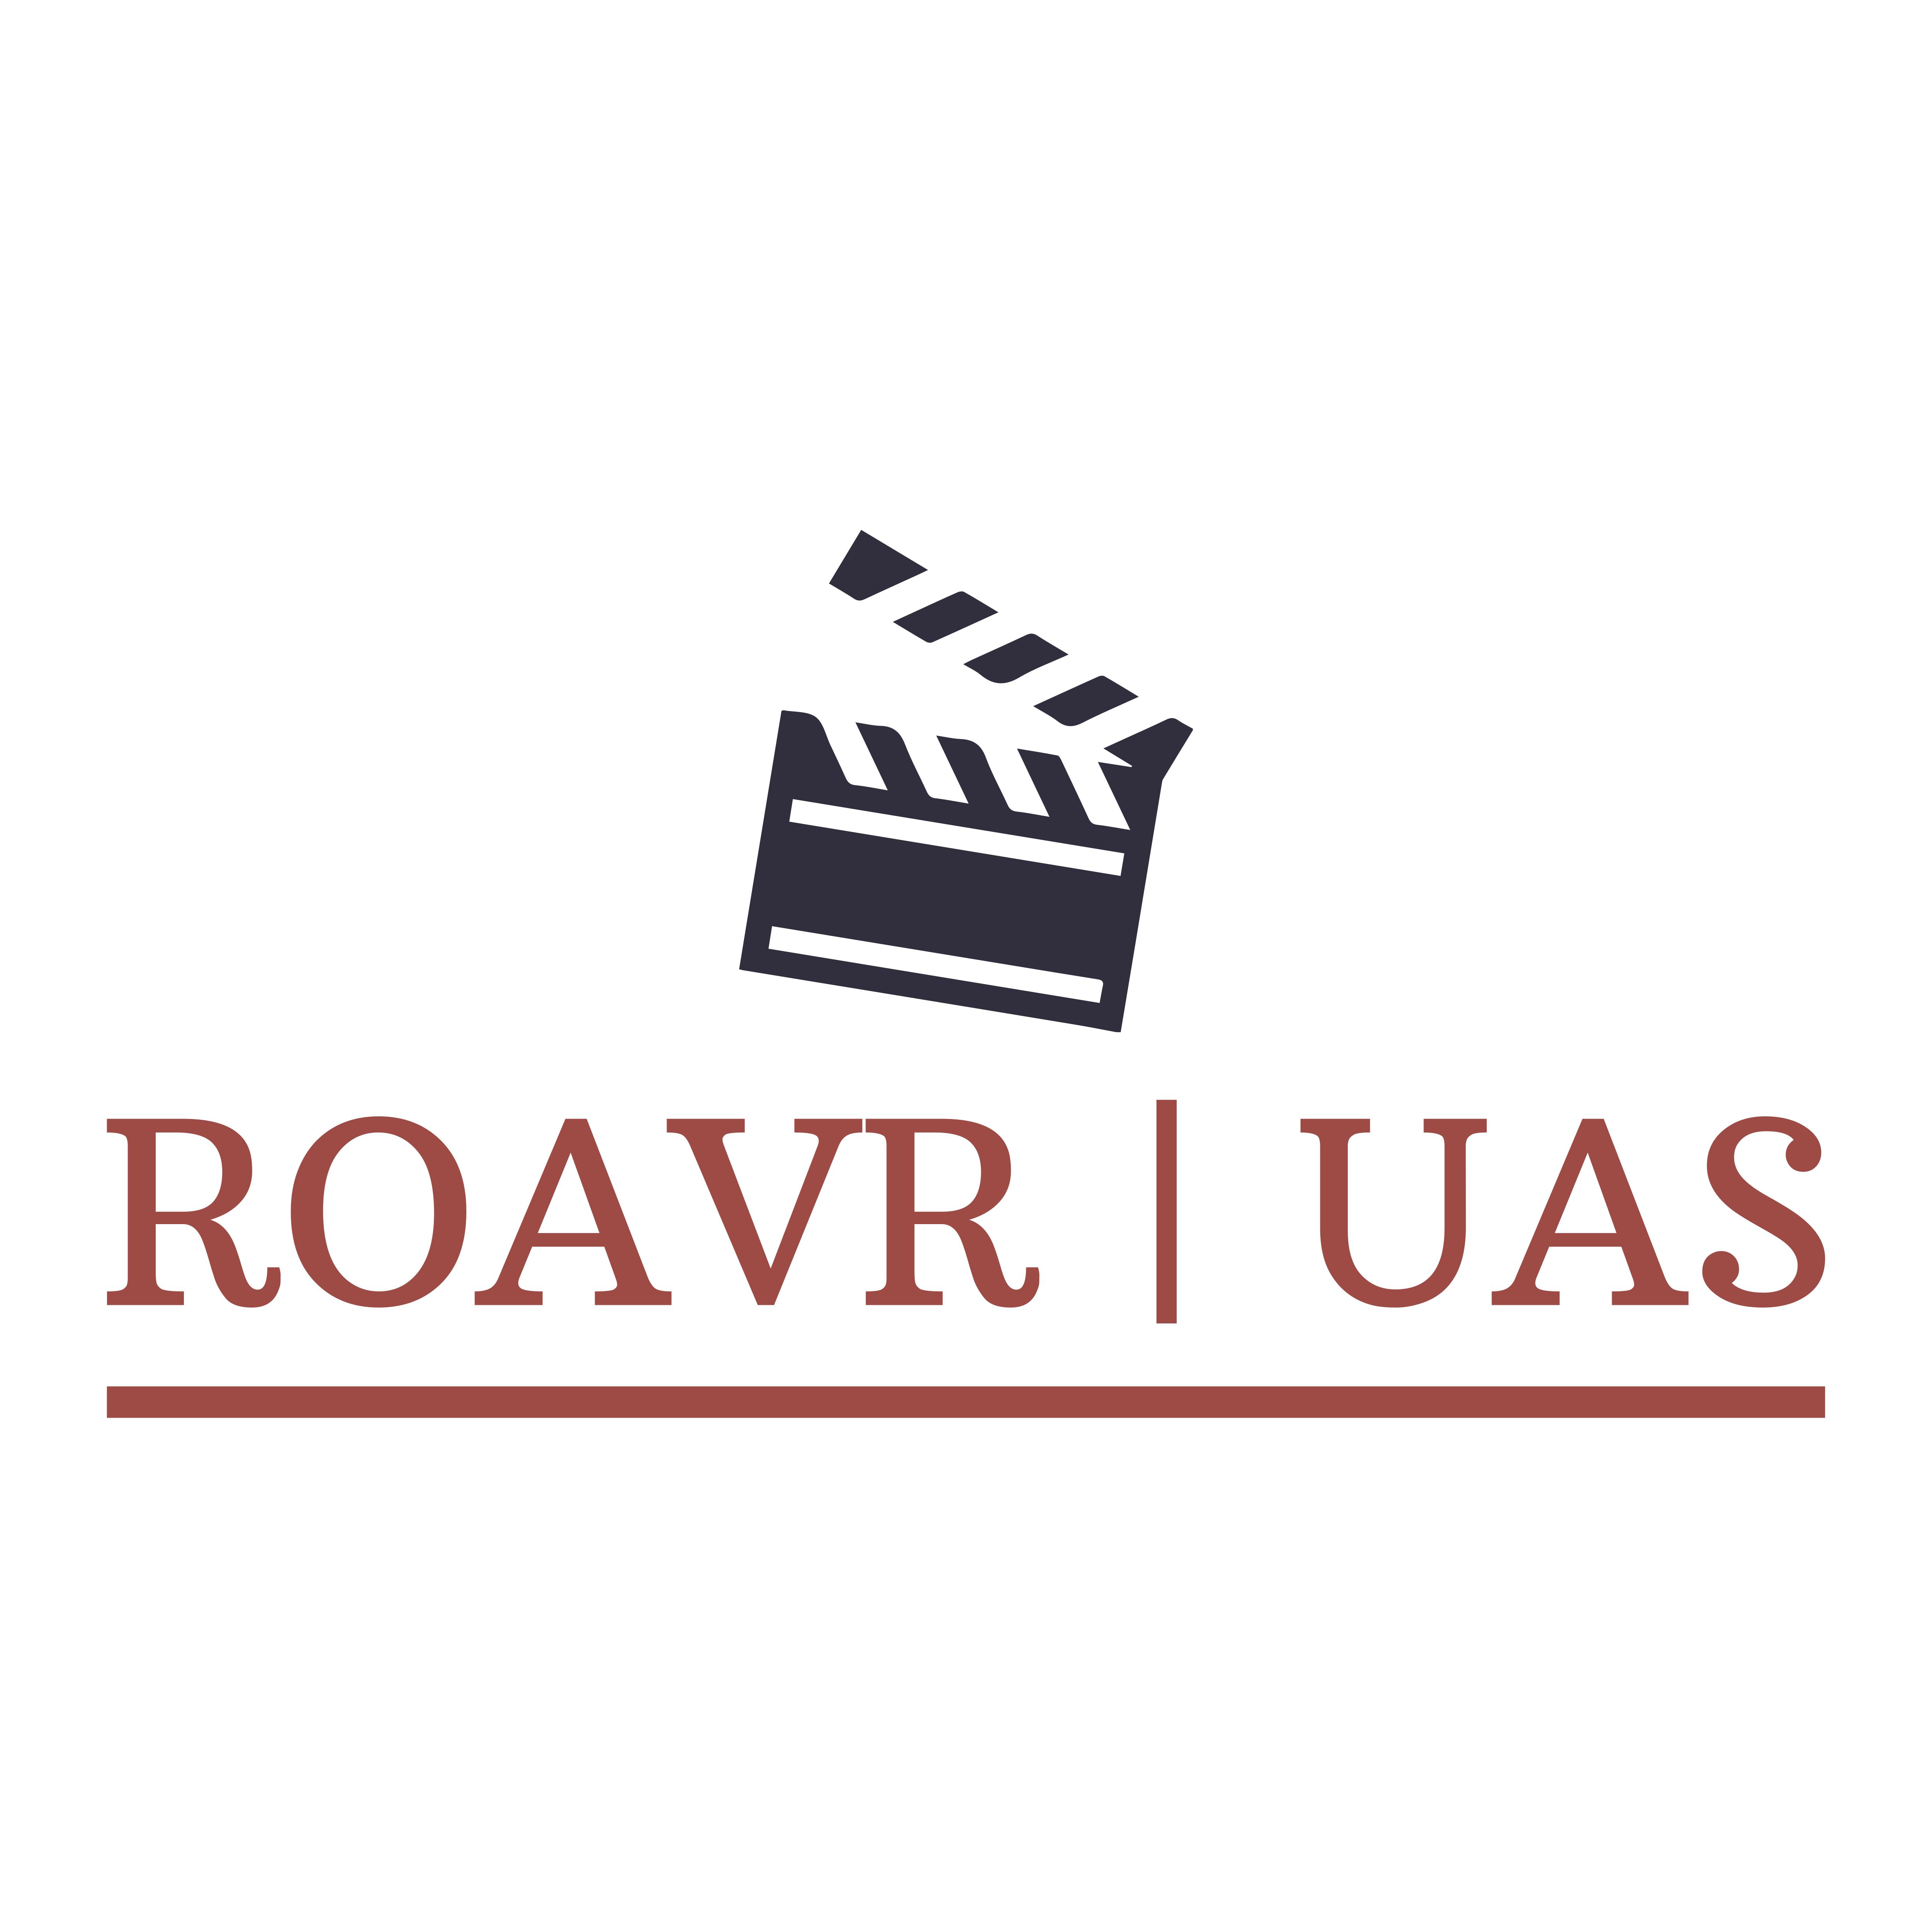 ROAVR | UAS